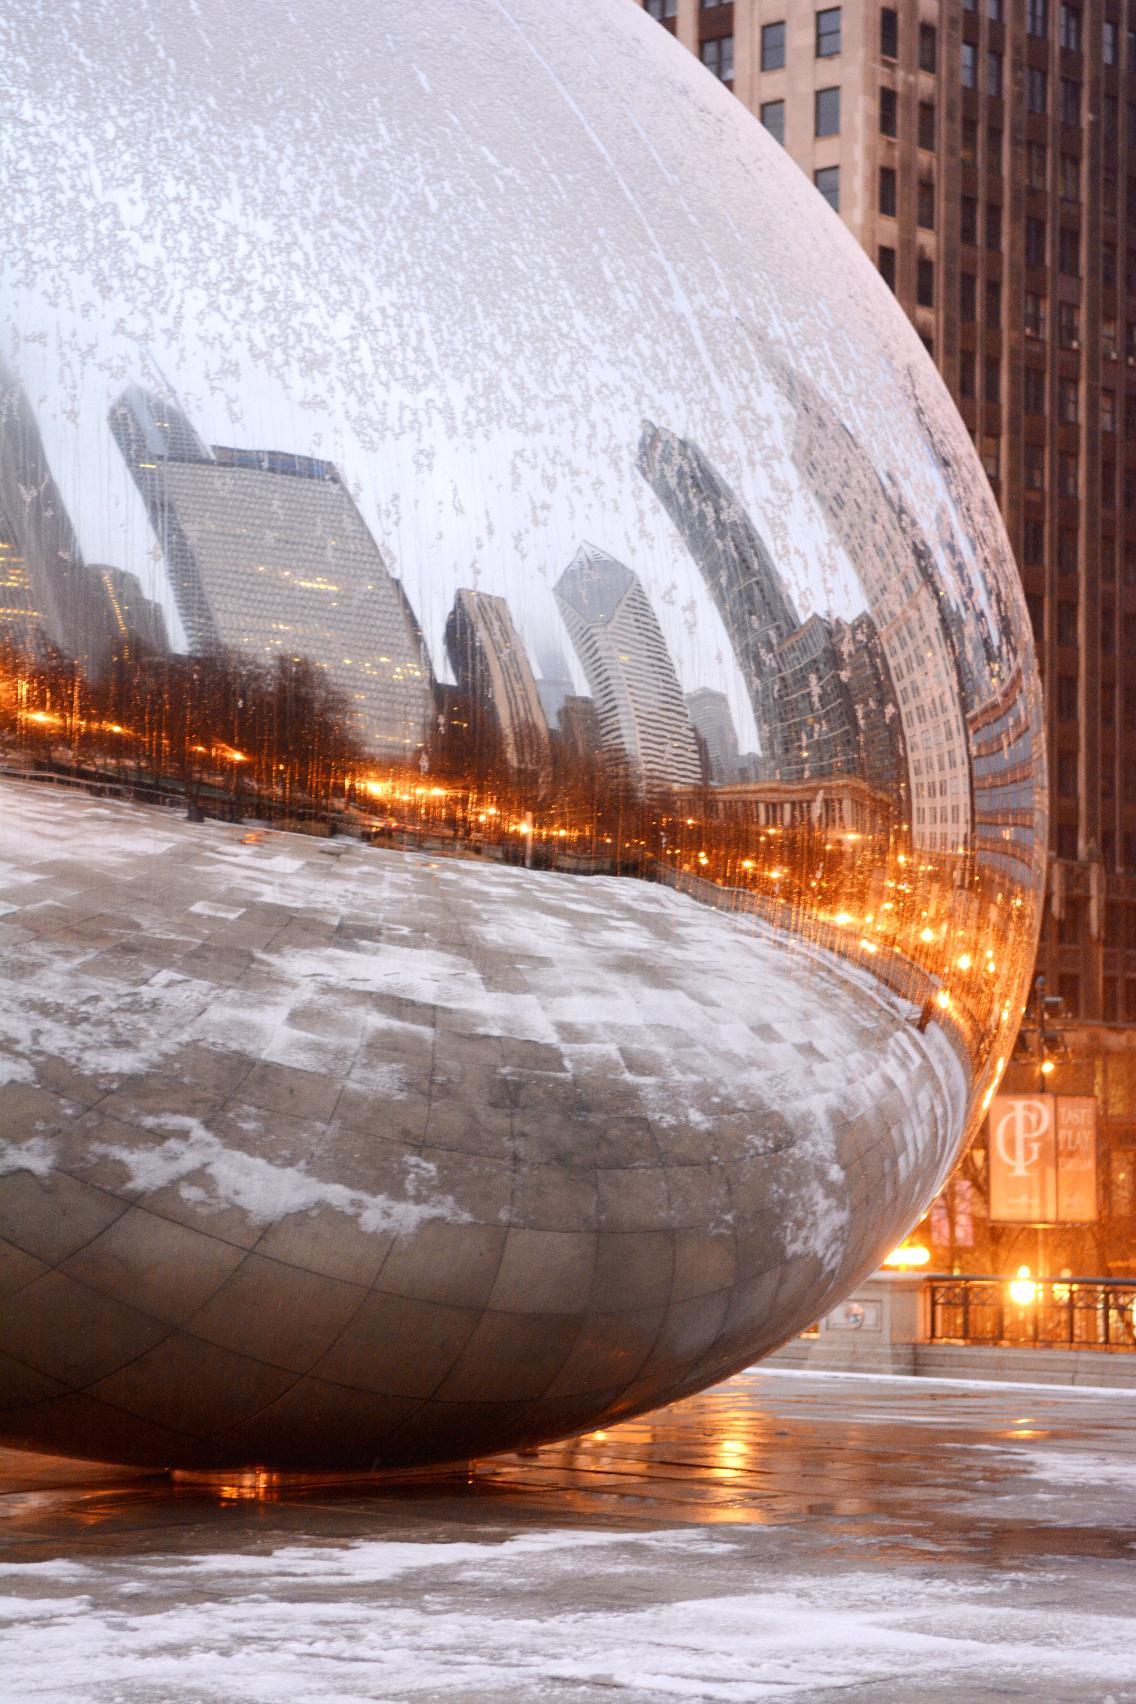 Chicago Millennium Park Cloud Gate The Bean 6